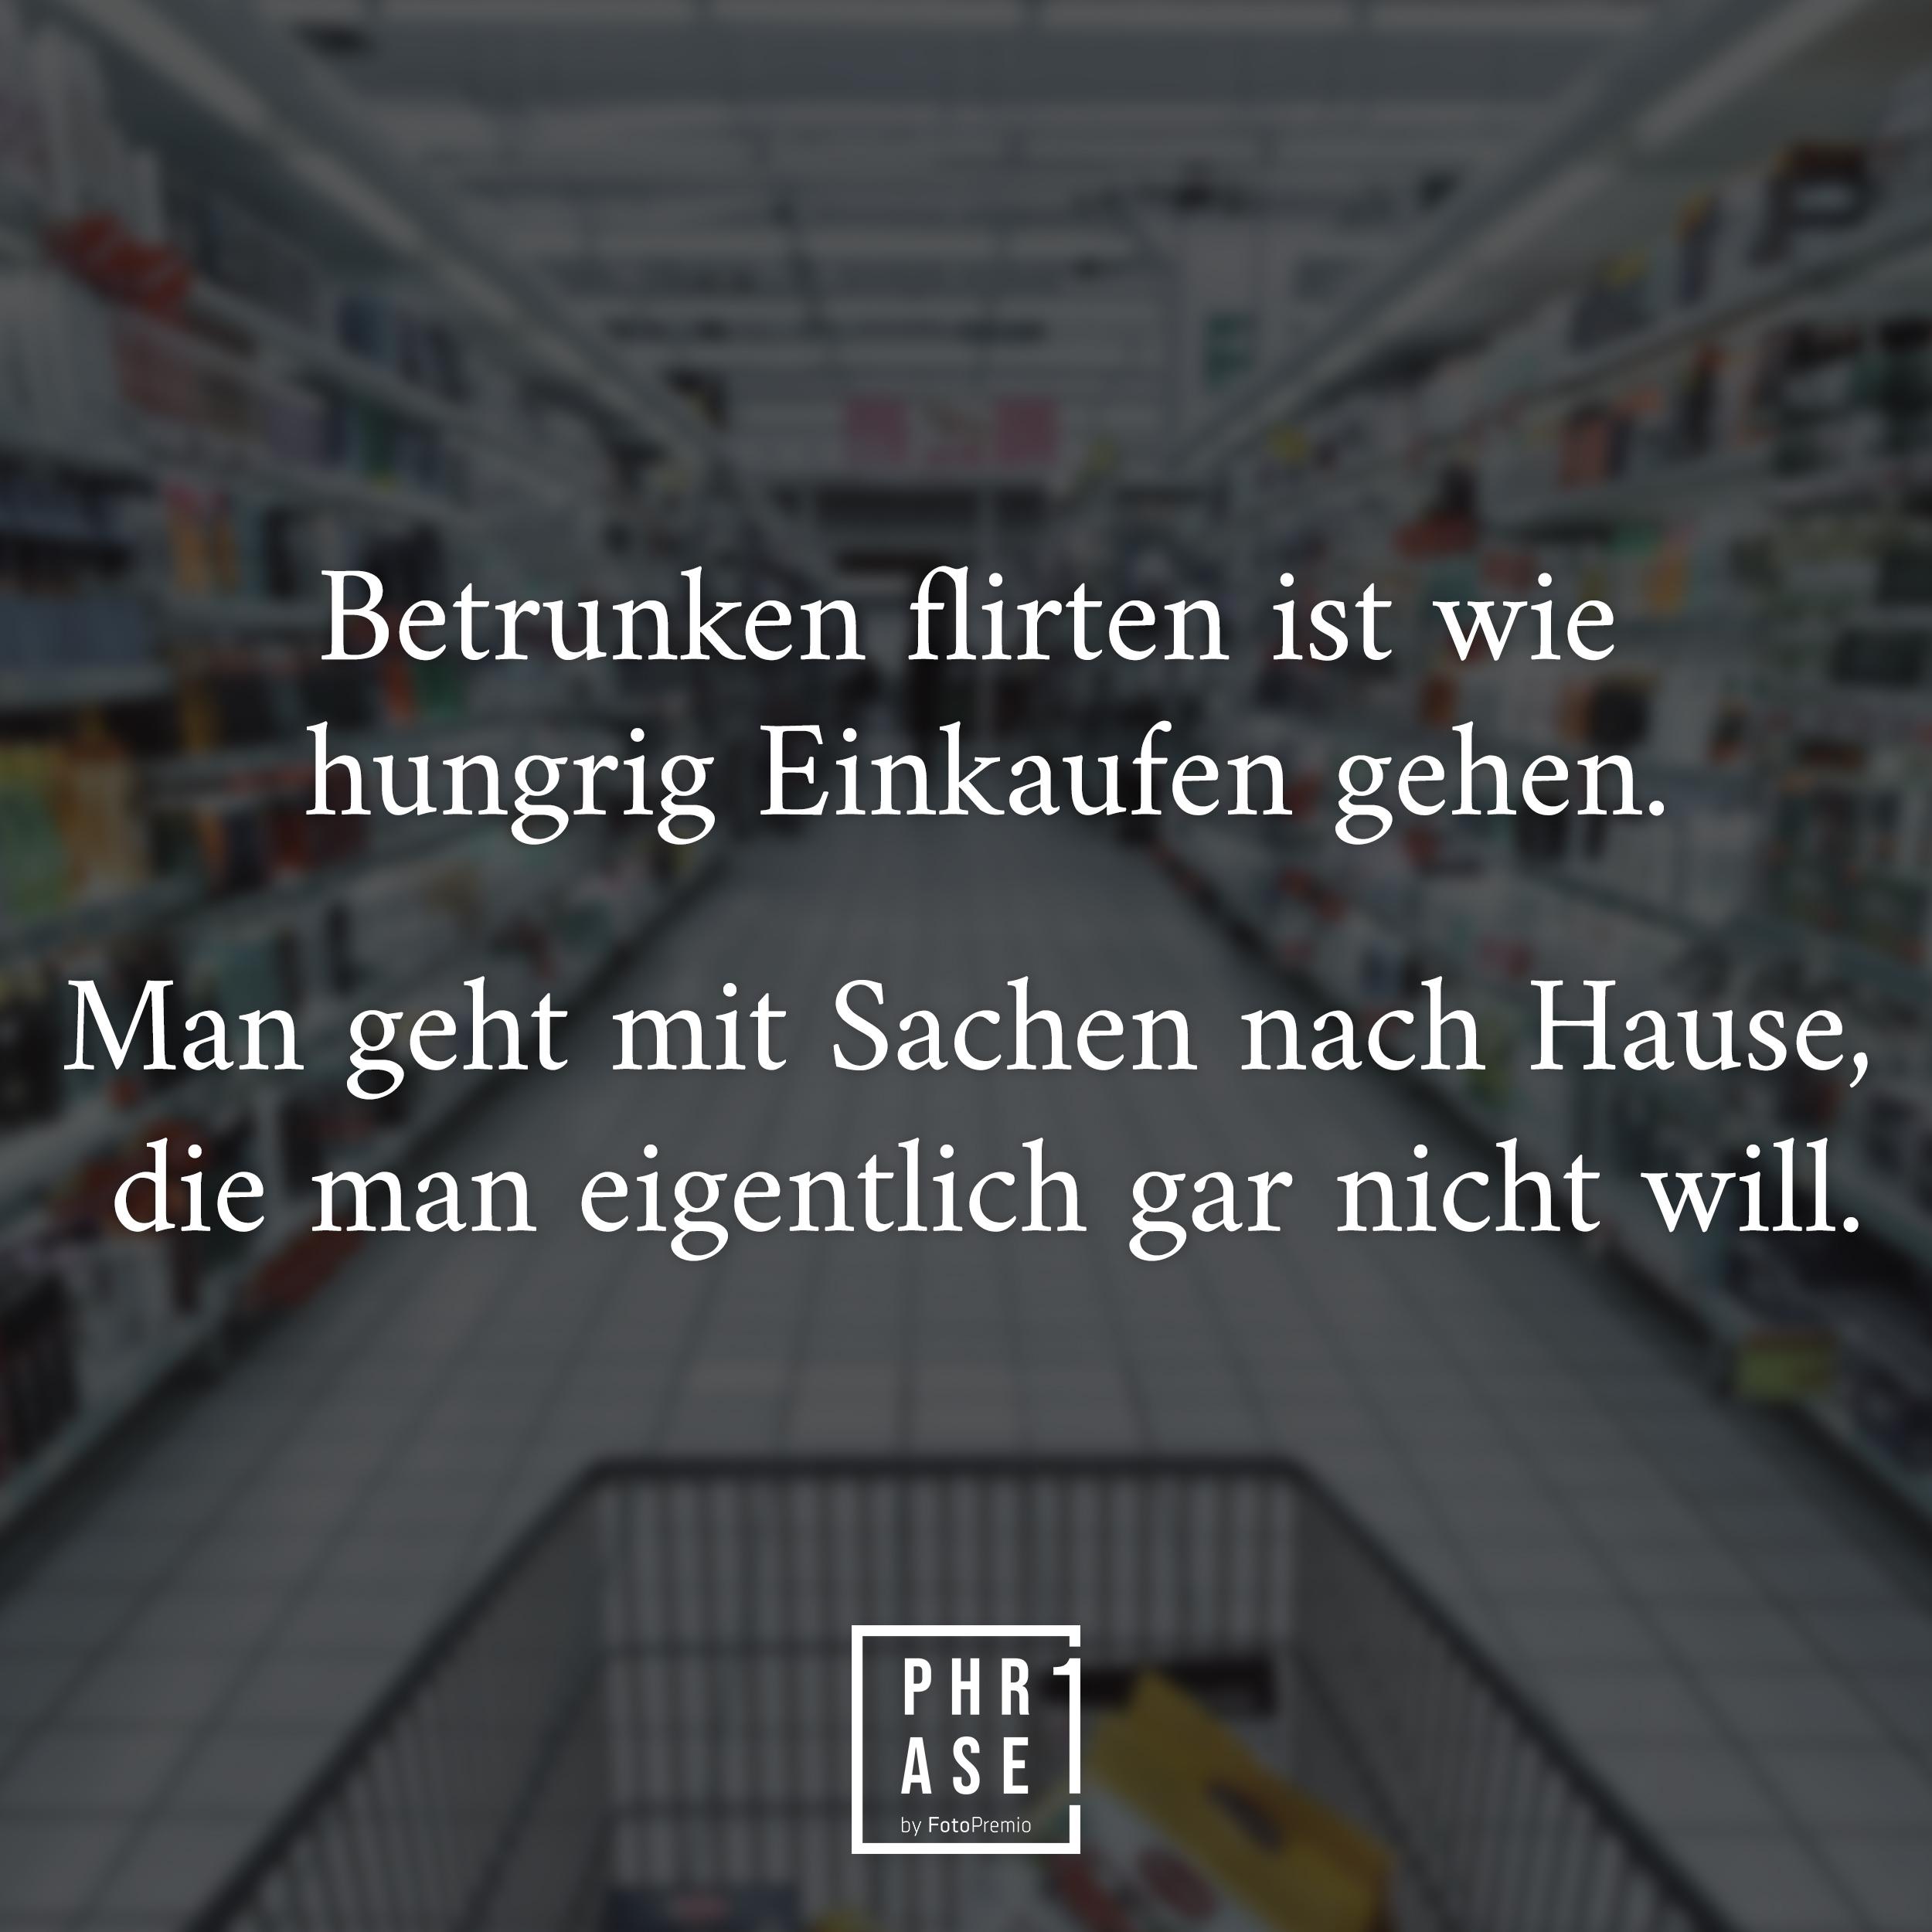 Betrunken flirten ist wie hungrig Einkaufen gehen, man geht mit Sachen nach Hause, die man eigentlich gar nicht will.